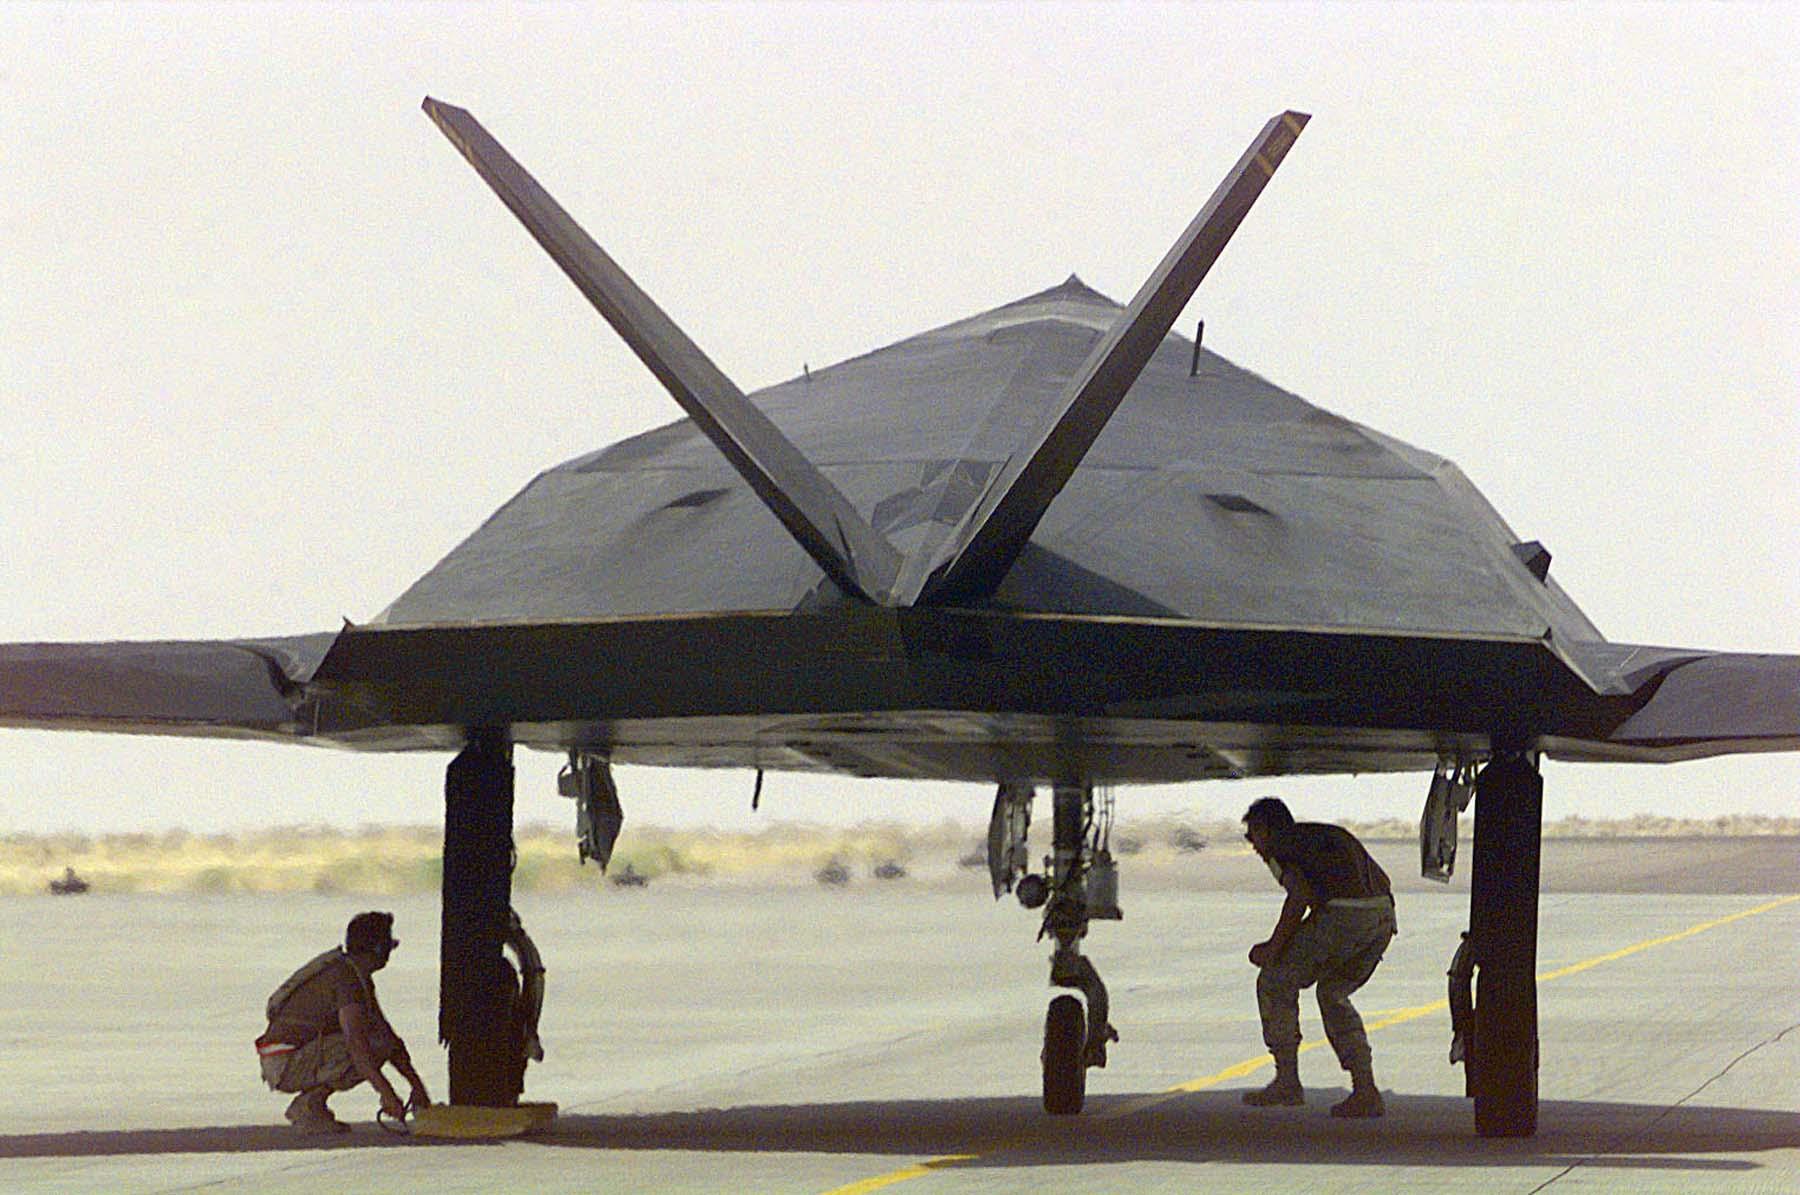 Lockheed F-117 Nighthawk Photo Gallery